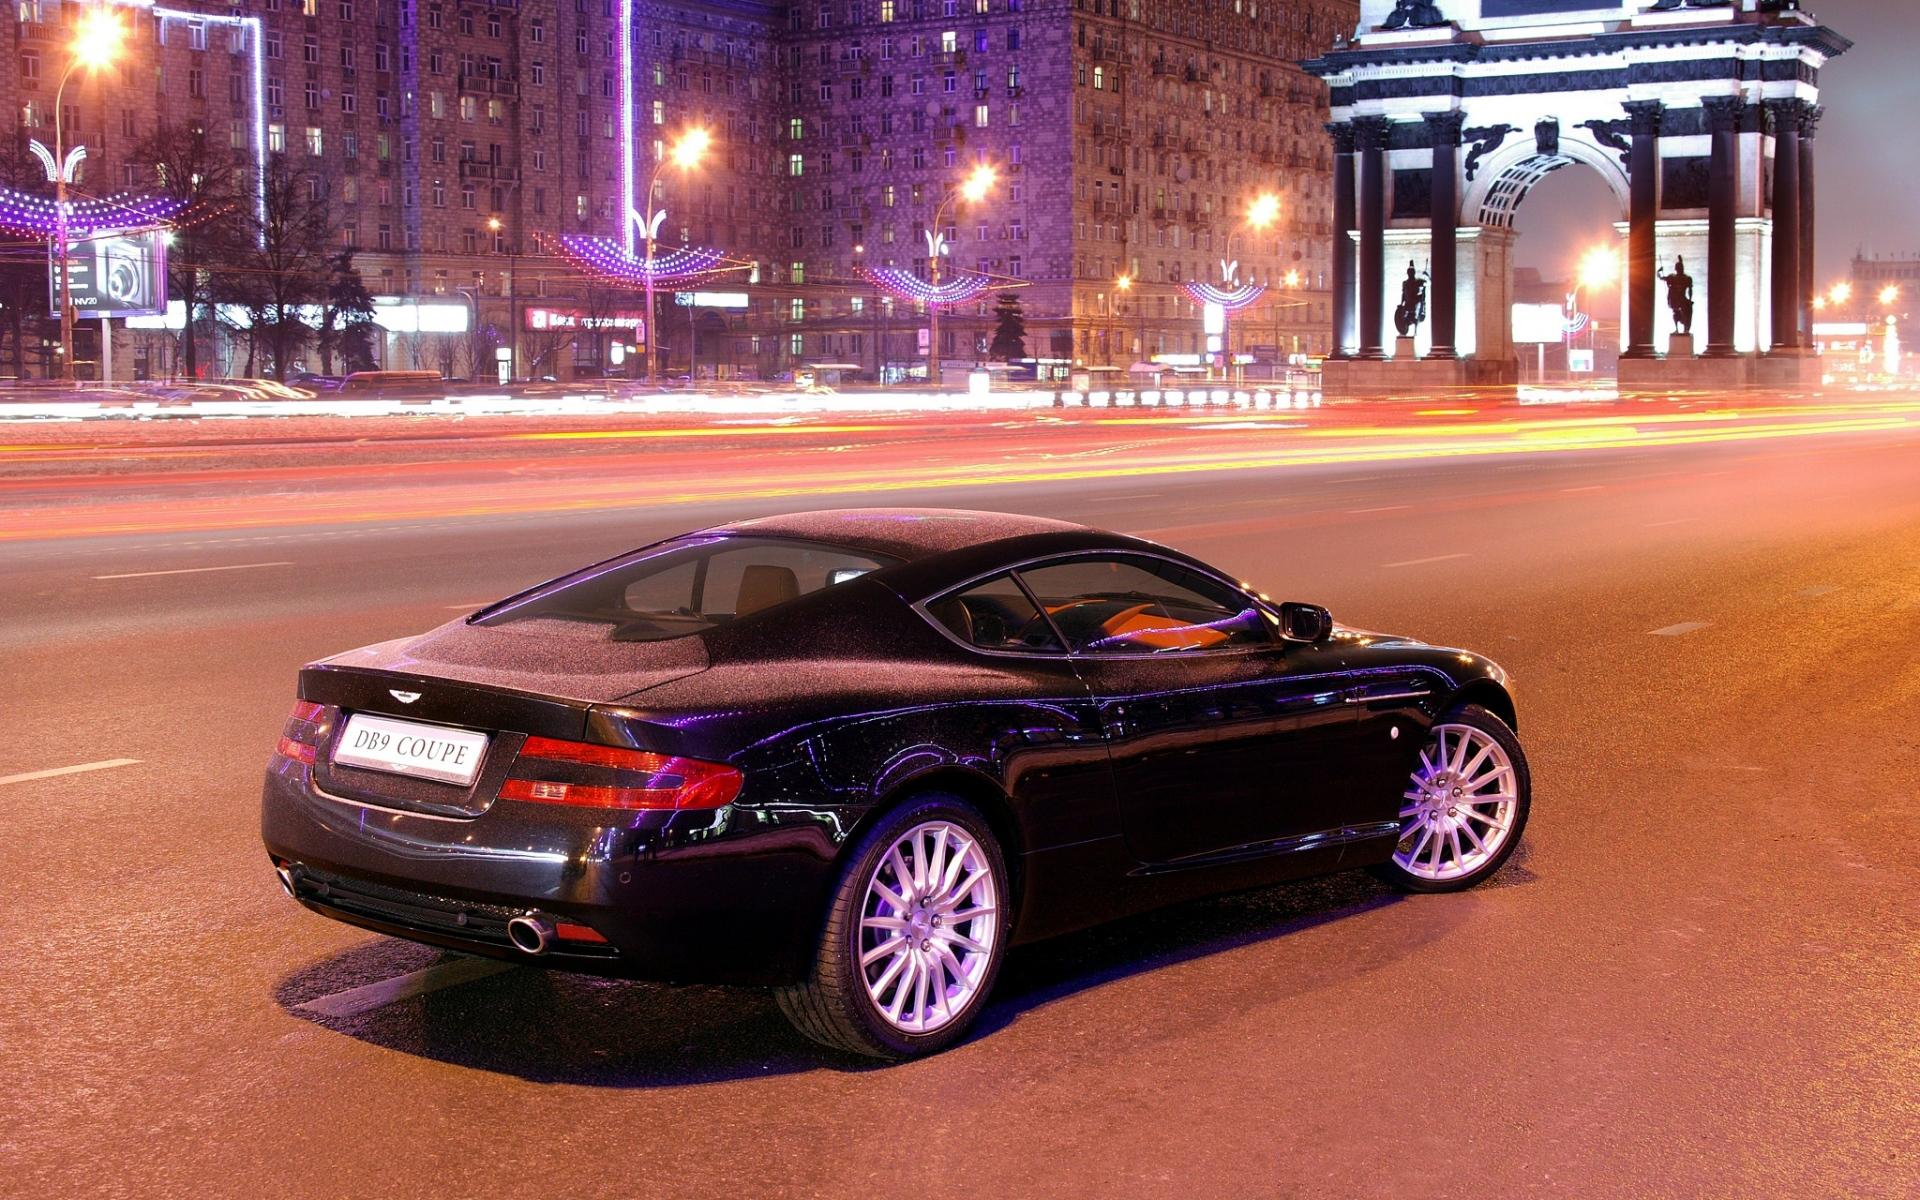 Картинки Aston martin, db9, черный, вид сбоку, стиль, автомобили, город, здания, фары, асфальт фото и обои на рабочий стол